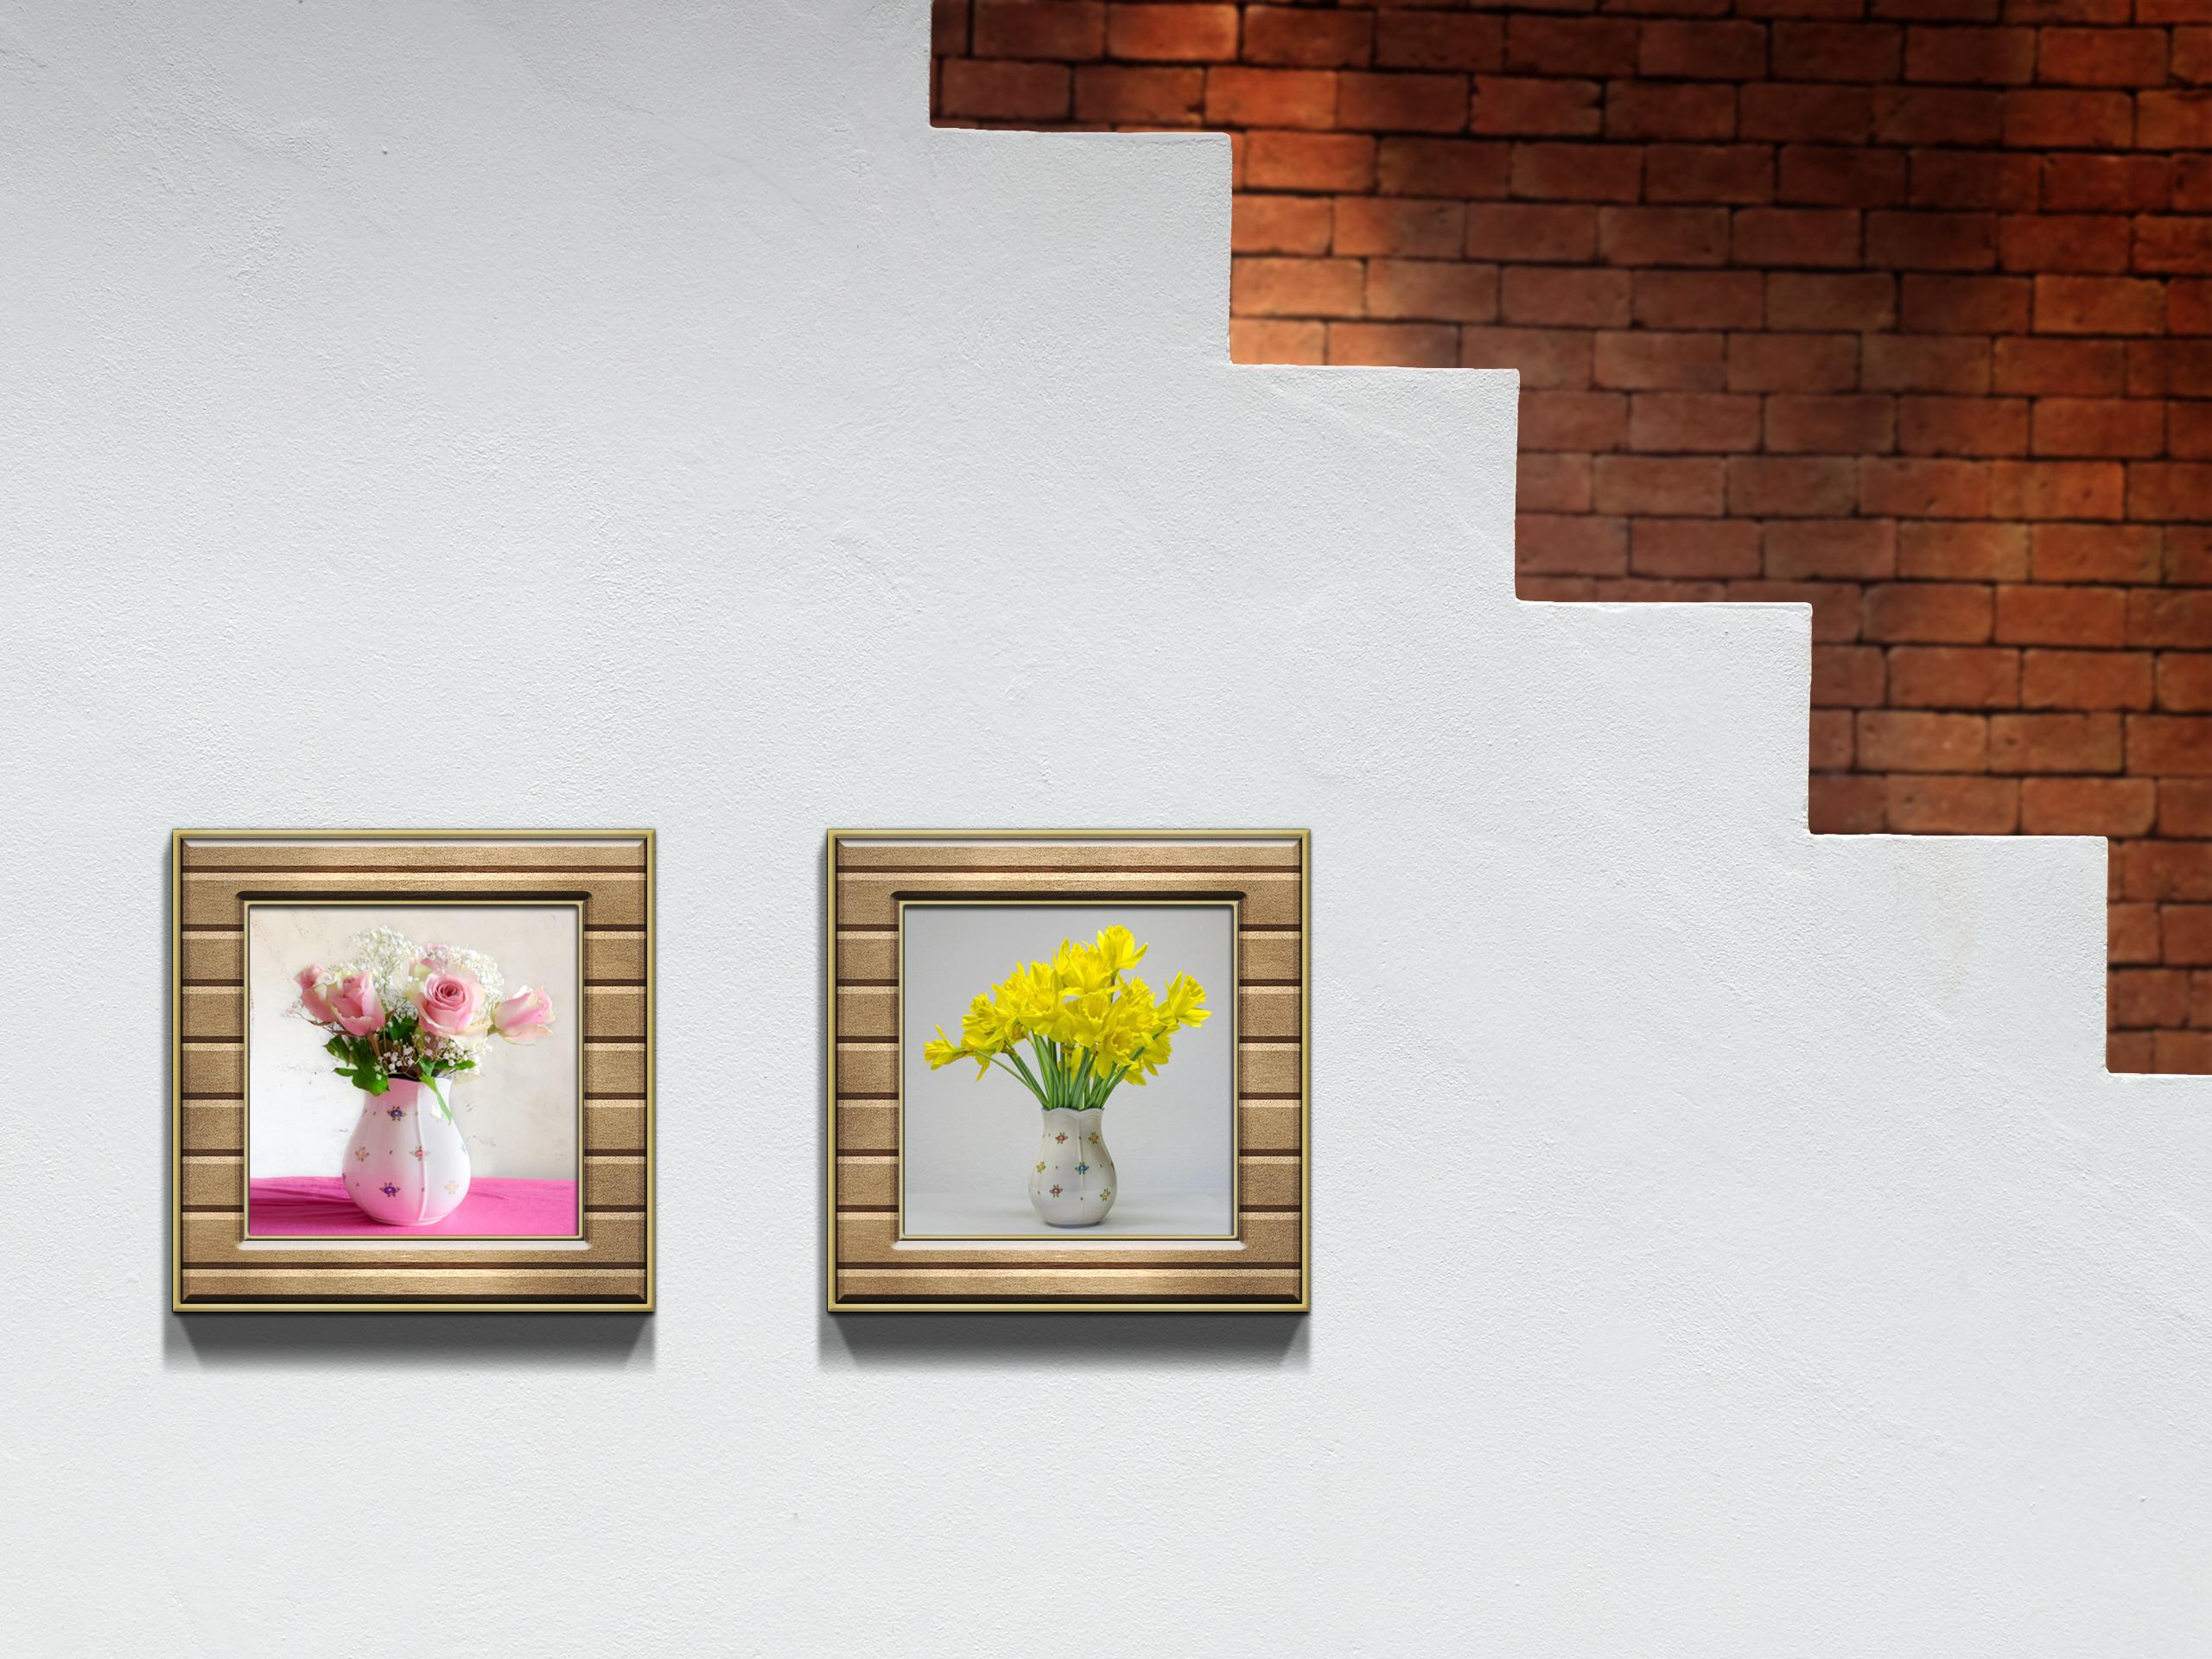 Fondos de pantalla : bodegón, escalera, pared, Marcos de cuadros ...